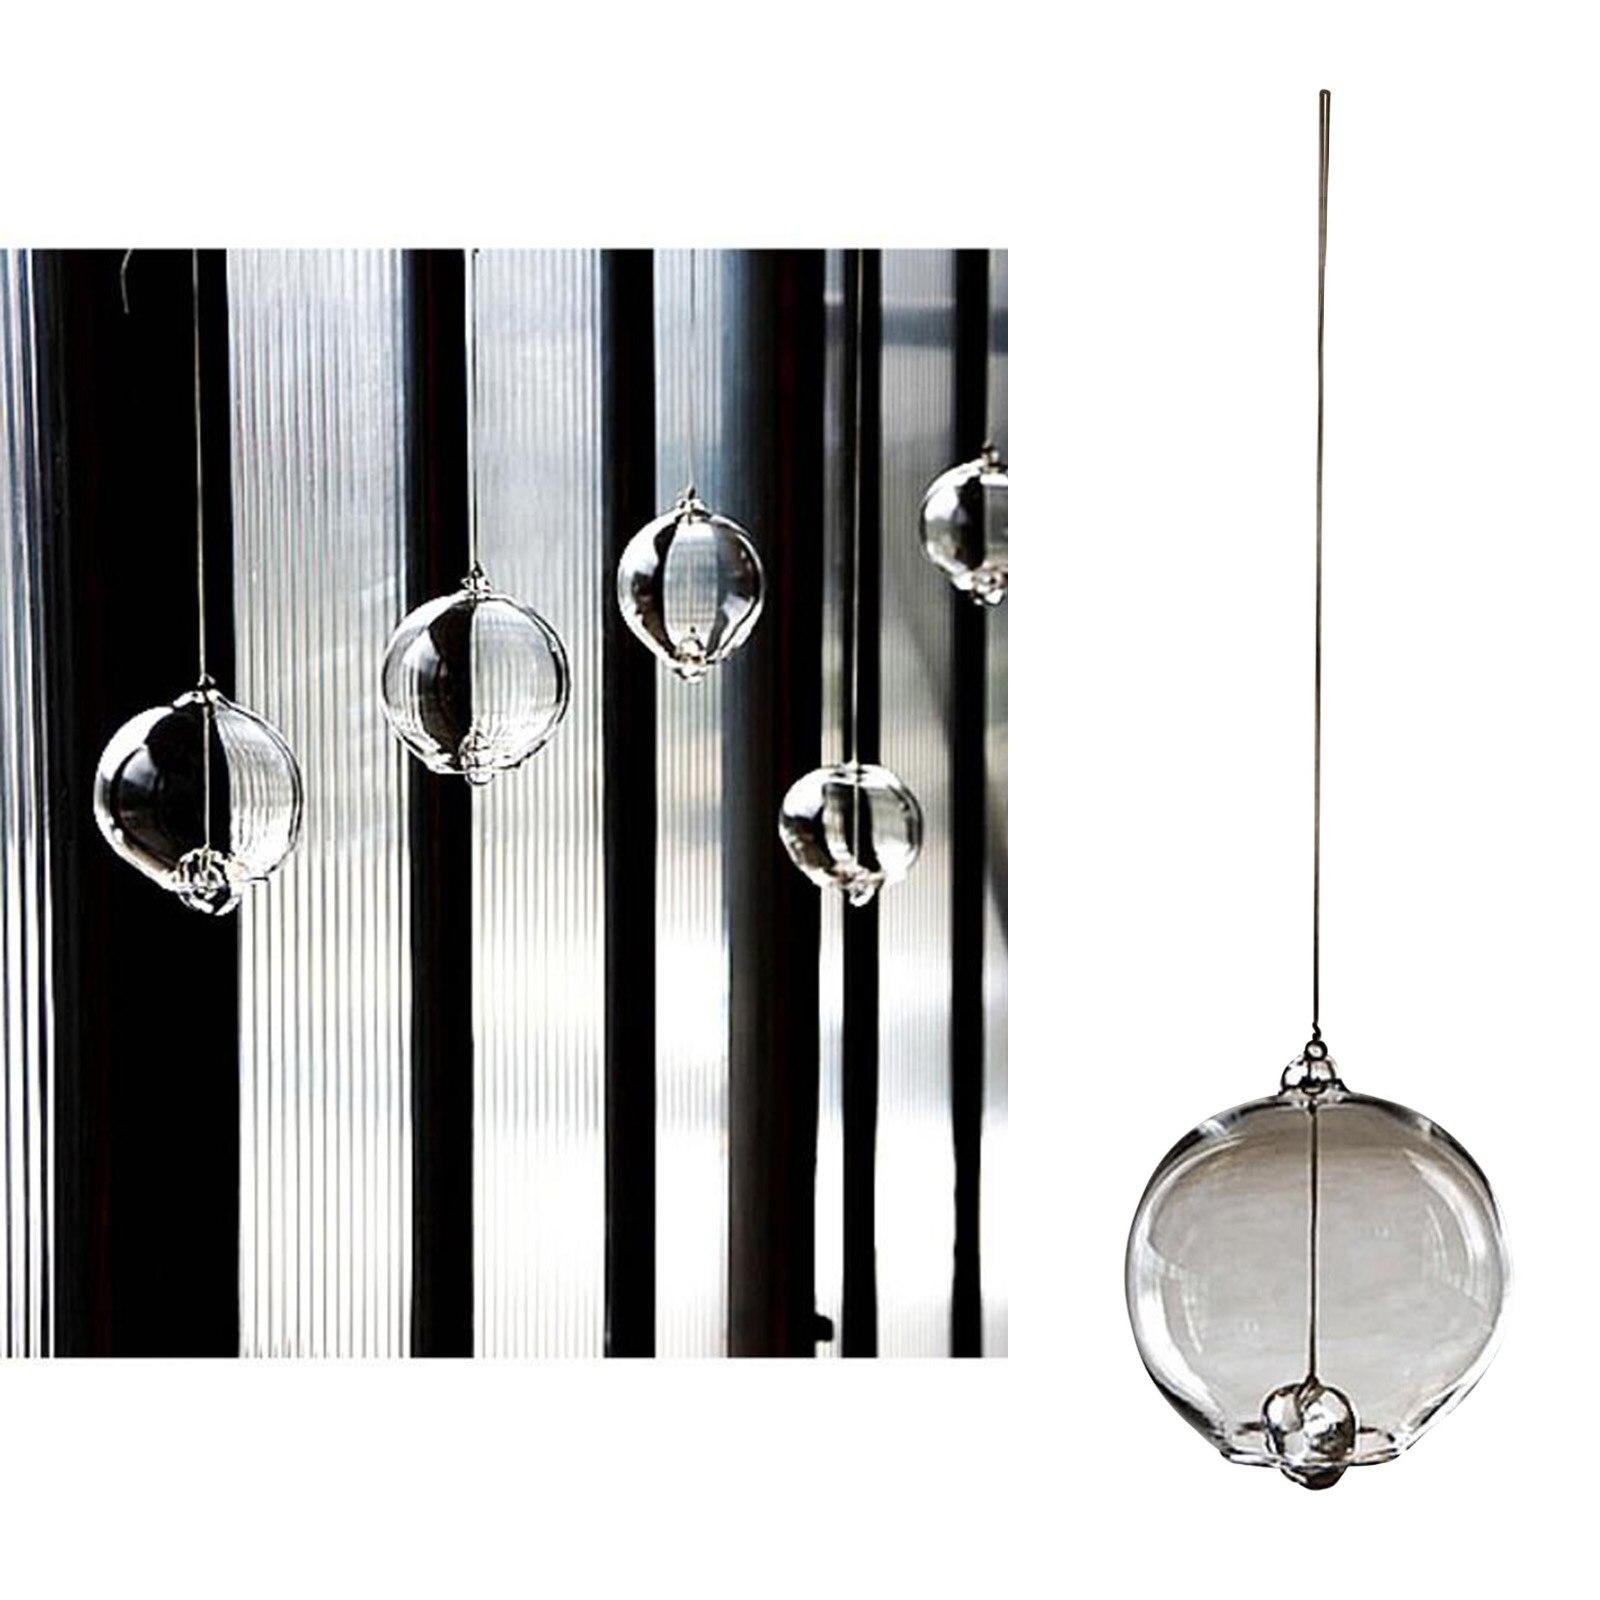 Japanischen Traditionellen Kulturellen Glas Wind Glockenspiel Ornament Einfache Design (Klar)